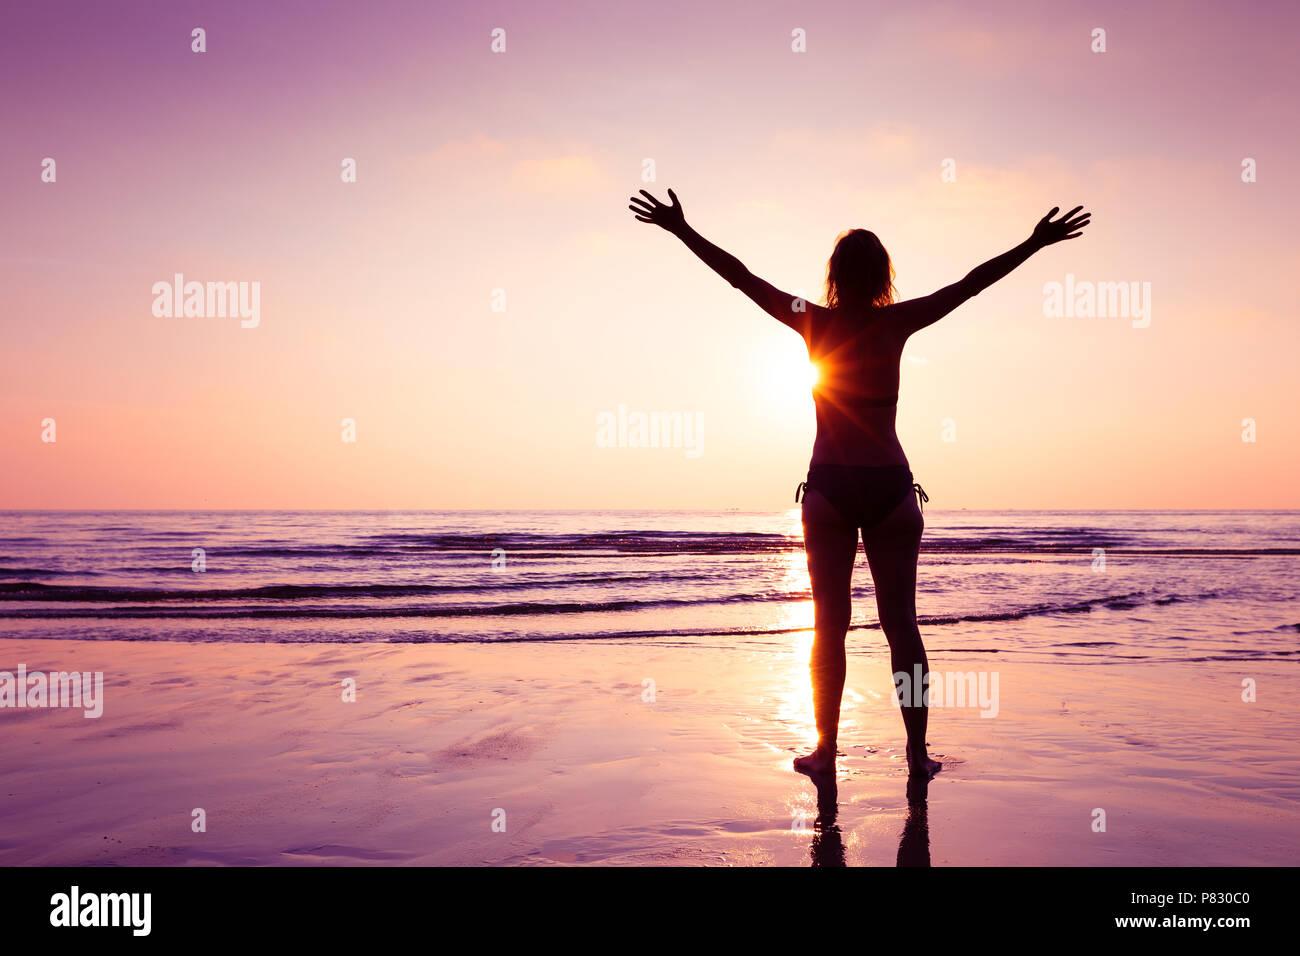 Heureux femme joyeuse répandre les mains sur la plage au coucher du soleil, des émotions stimulantes et de l'attention, l'équilibre, la pensée consciente Photo Stock